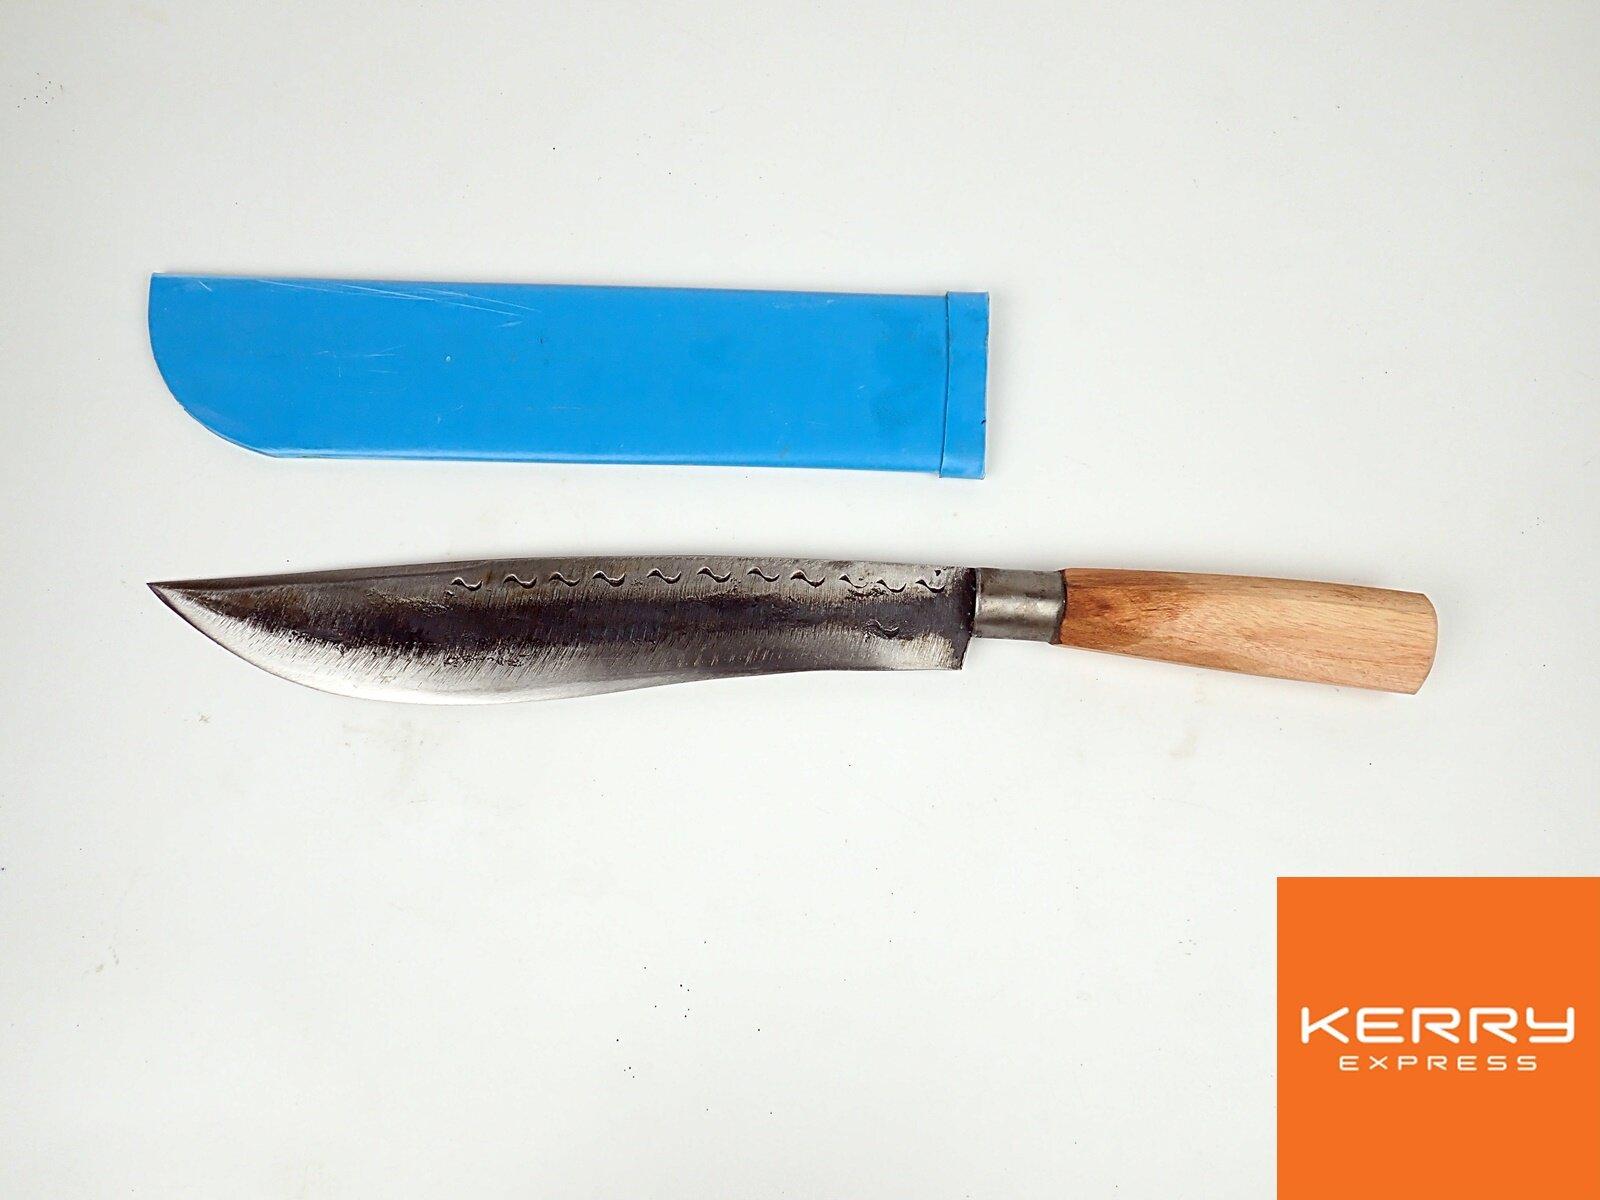 มีดพก 11 นิ้ว ปอกพีวีซี ด้ามไม้